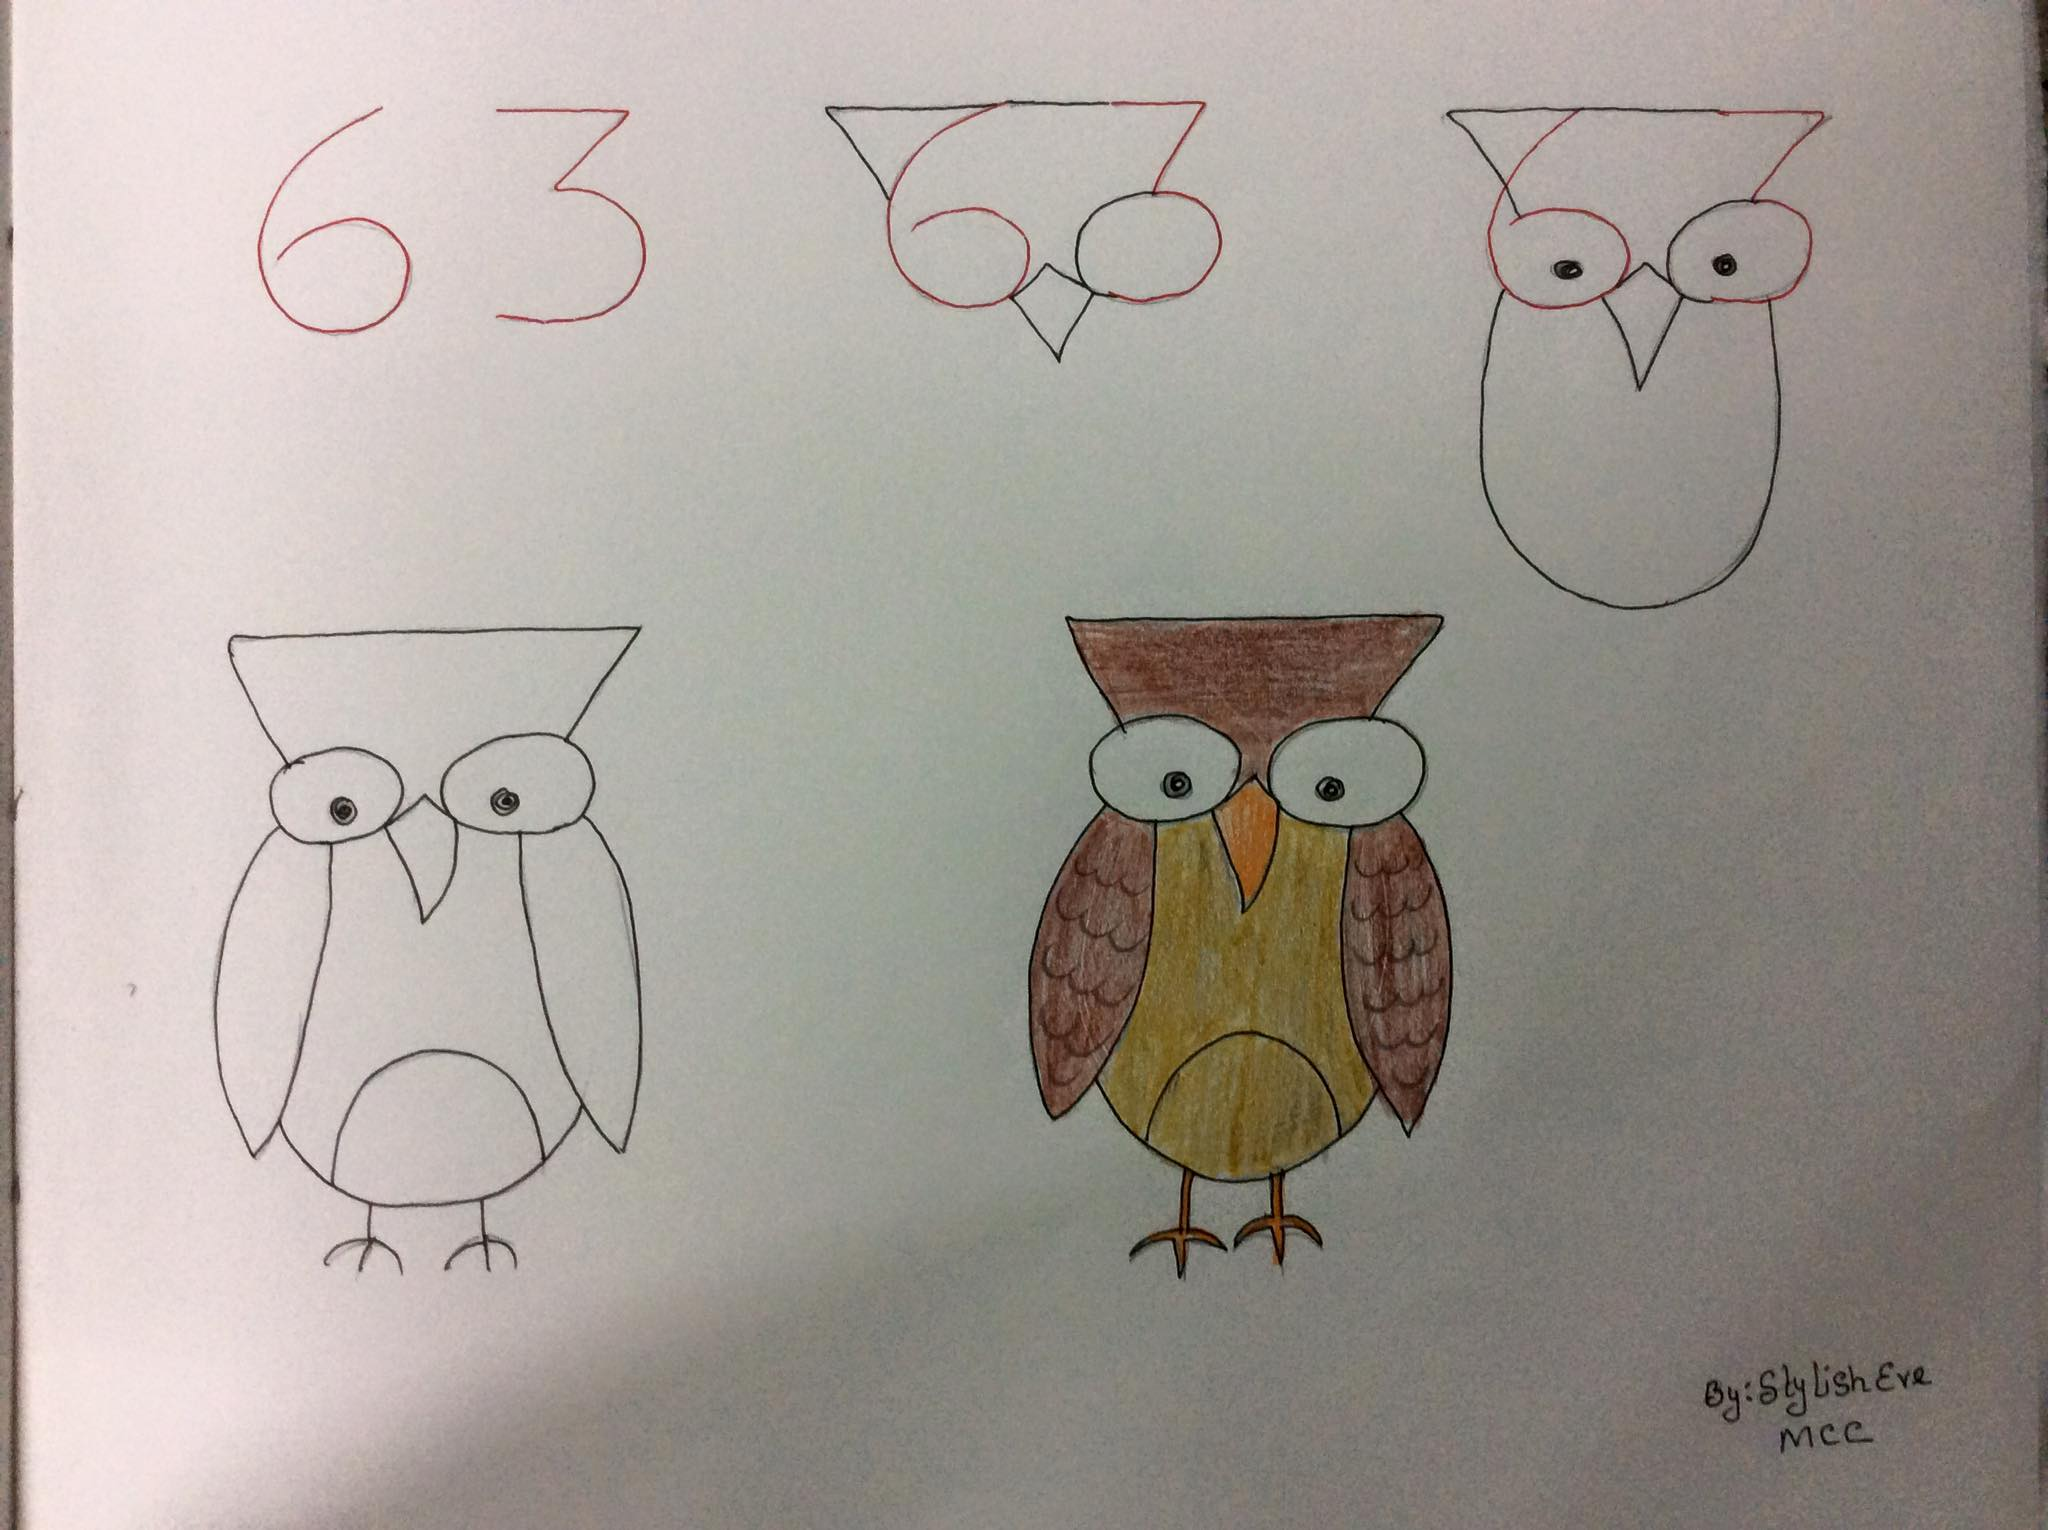 crea dibujos con letras!- muy bueno - Imágenes - Taringa!